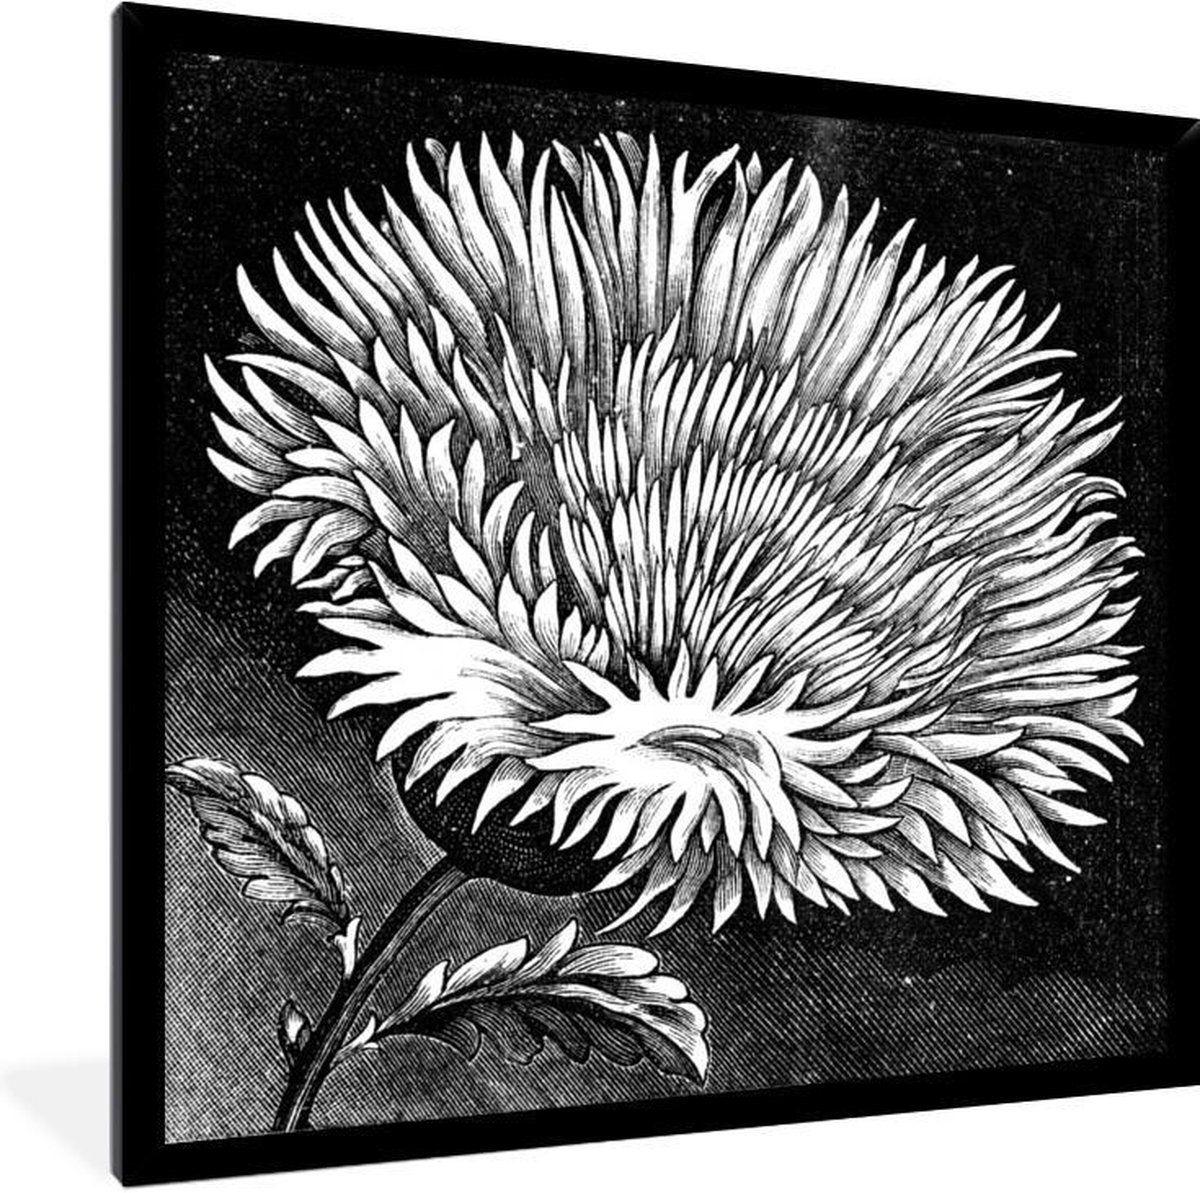 Foto In Lijst Illustratie Van Een Korenbloem In Het Zwart Wit Fotolijst Zwart 40x40 Zwart Wit Illustratie Canvas Schilderij